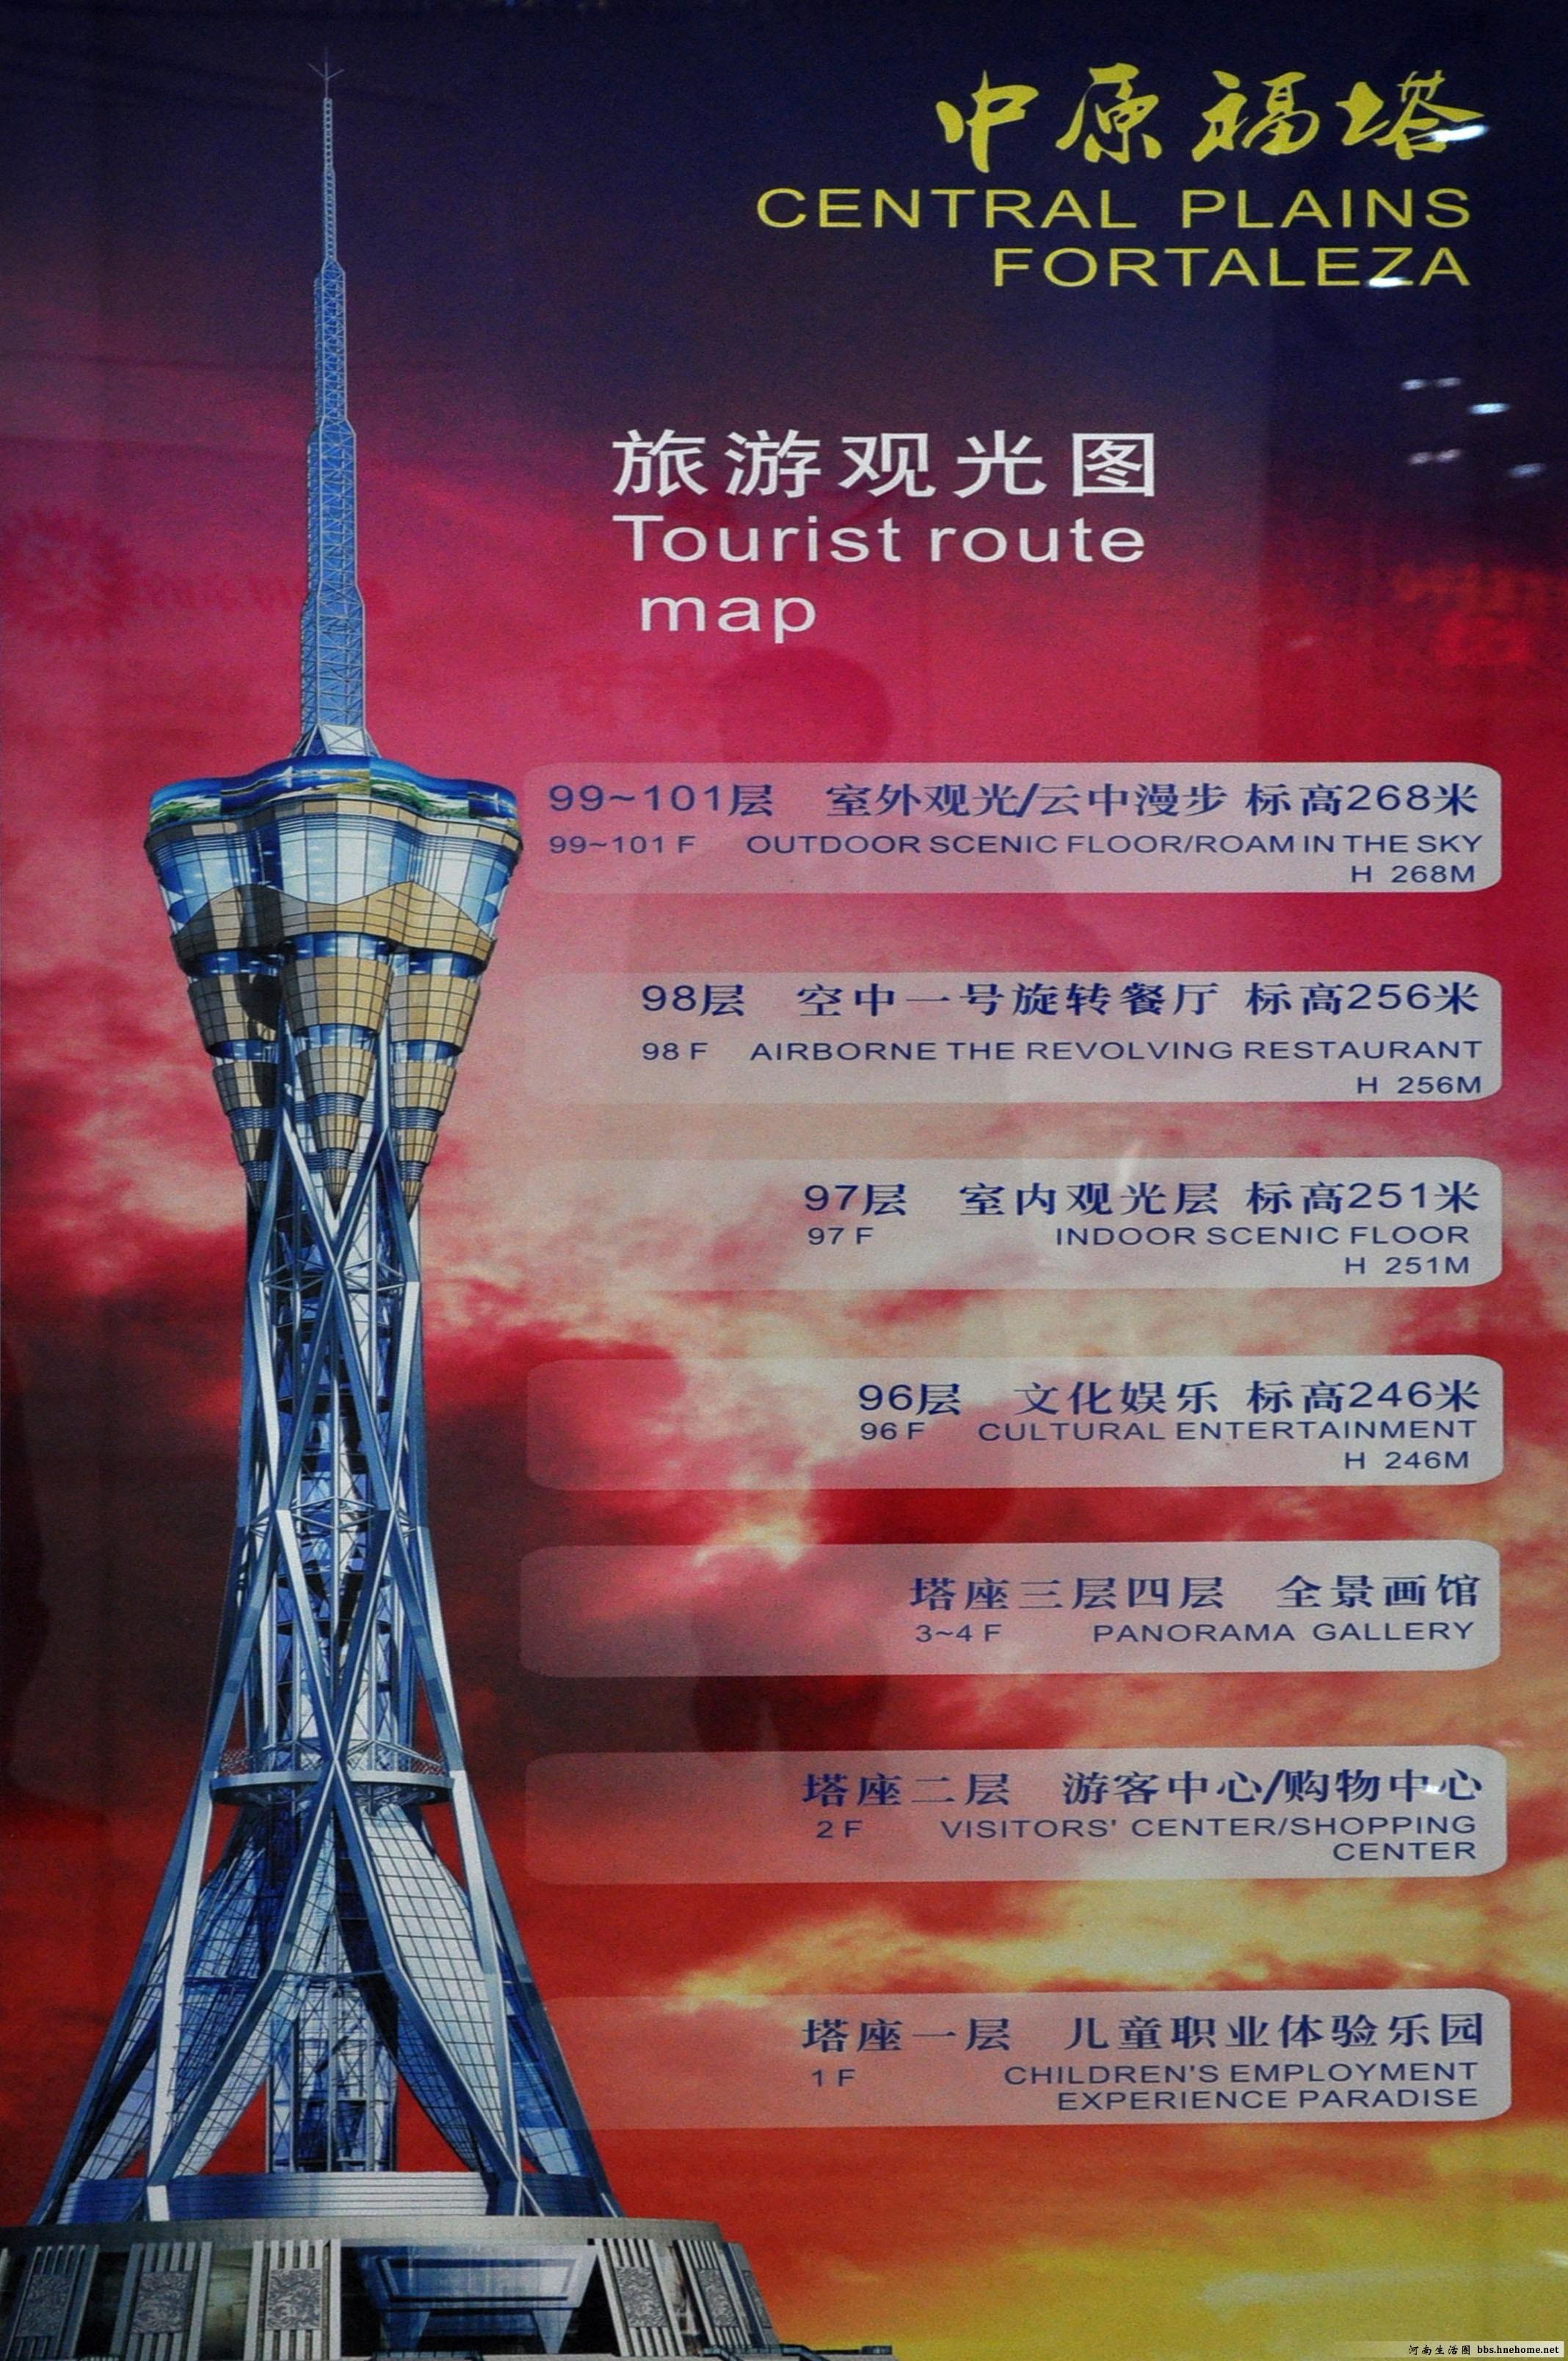 世界最高全钢结构塔 中原福塔门票